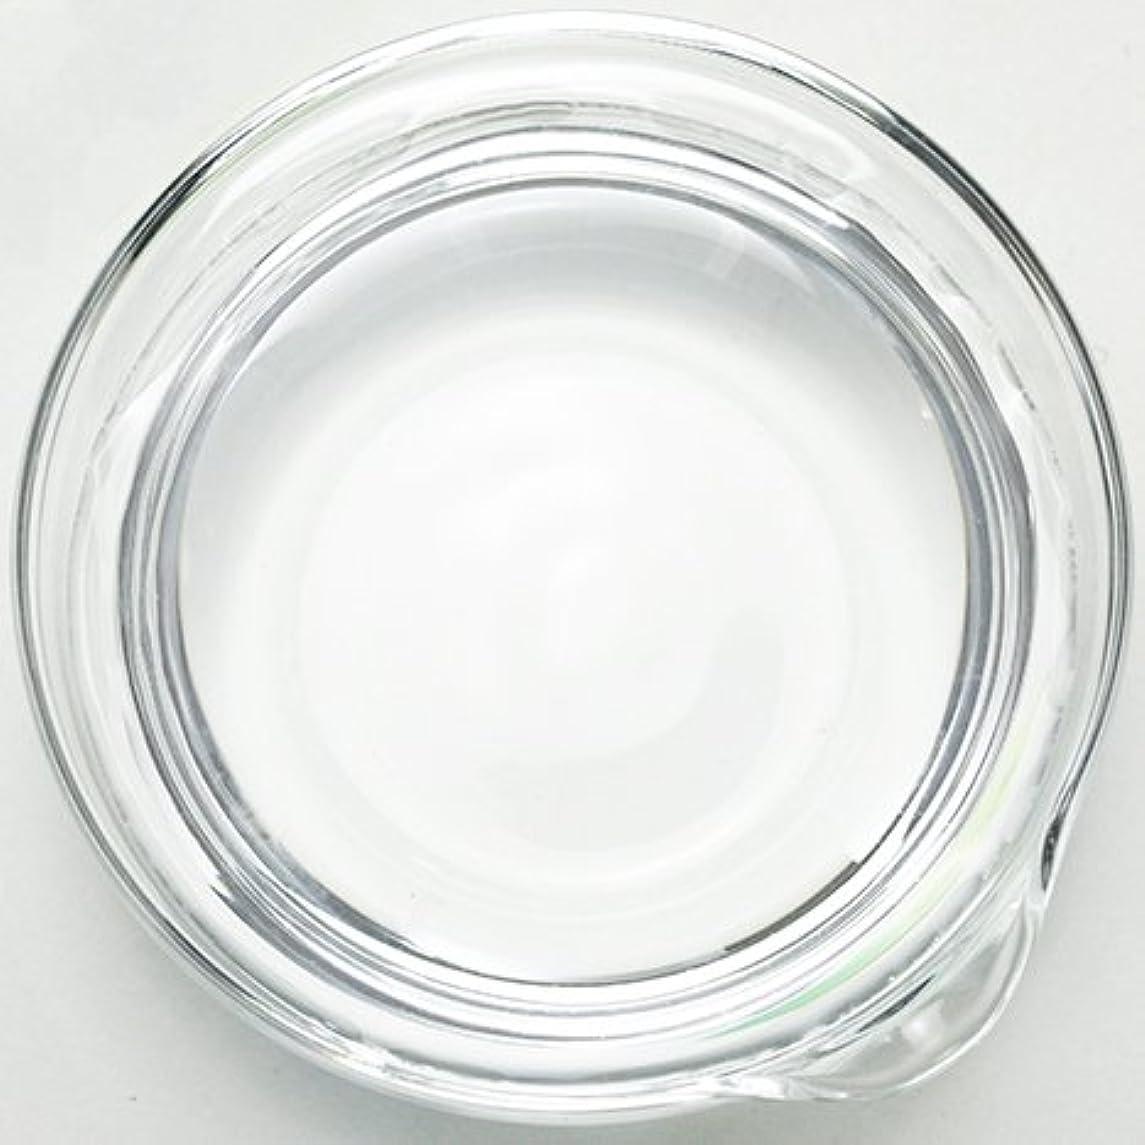 電子子供達酸度濃グリセリン[植物性] 500ml 【手作り石鹸/手作りコスメ】